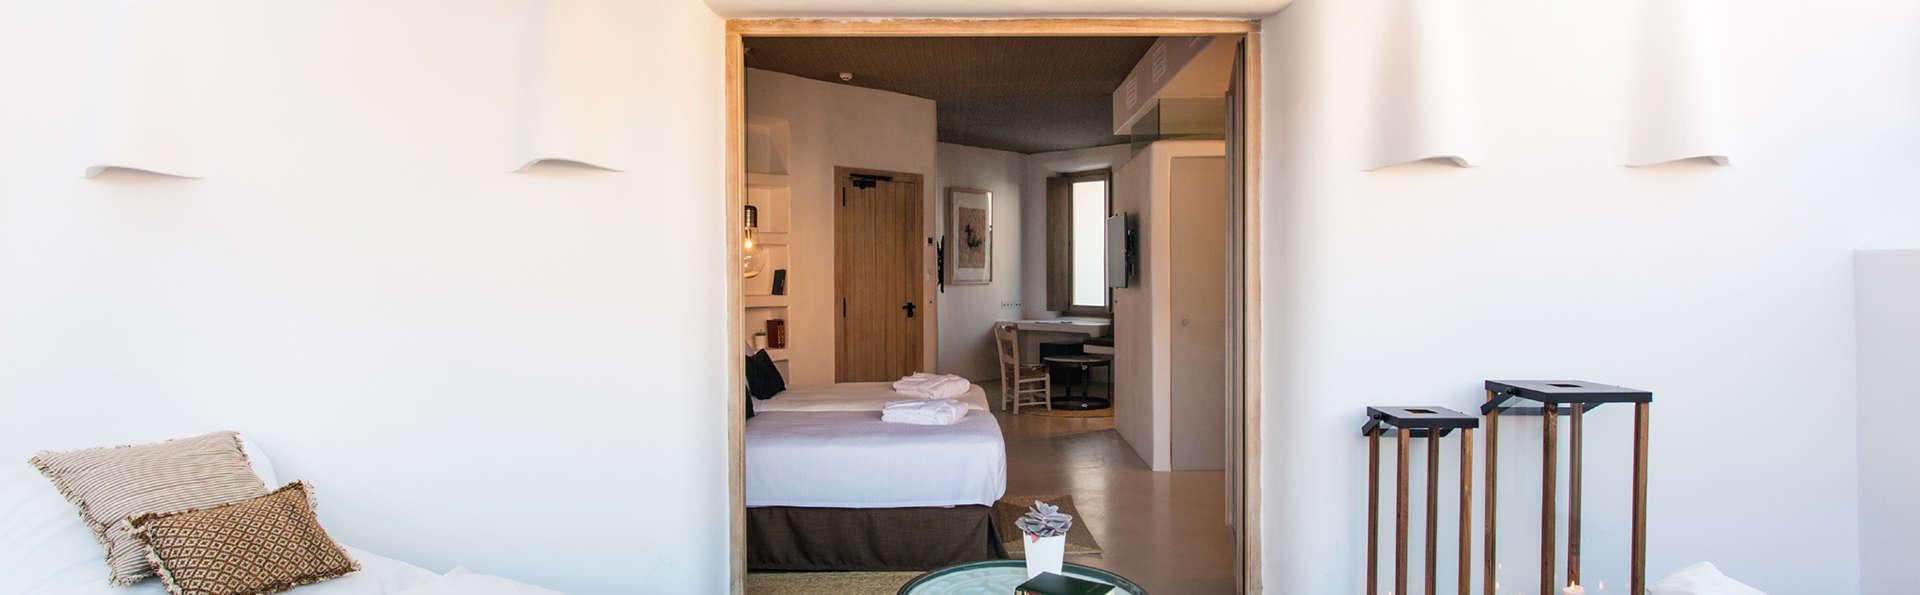 Escapada Luxury Love: junior suite y desayuno en Palma de Mallorca